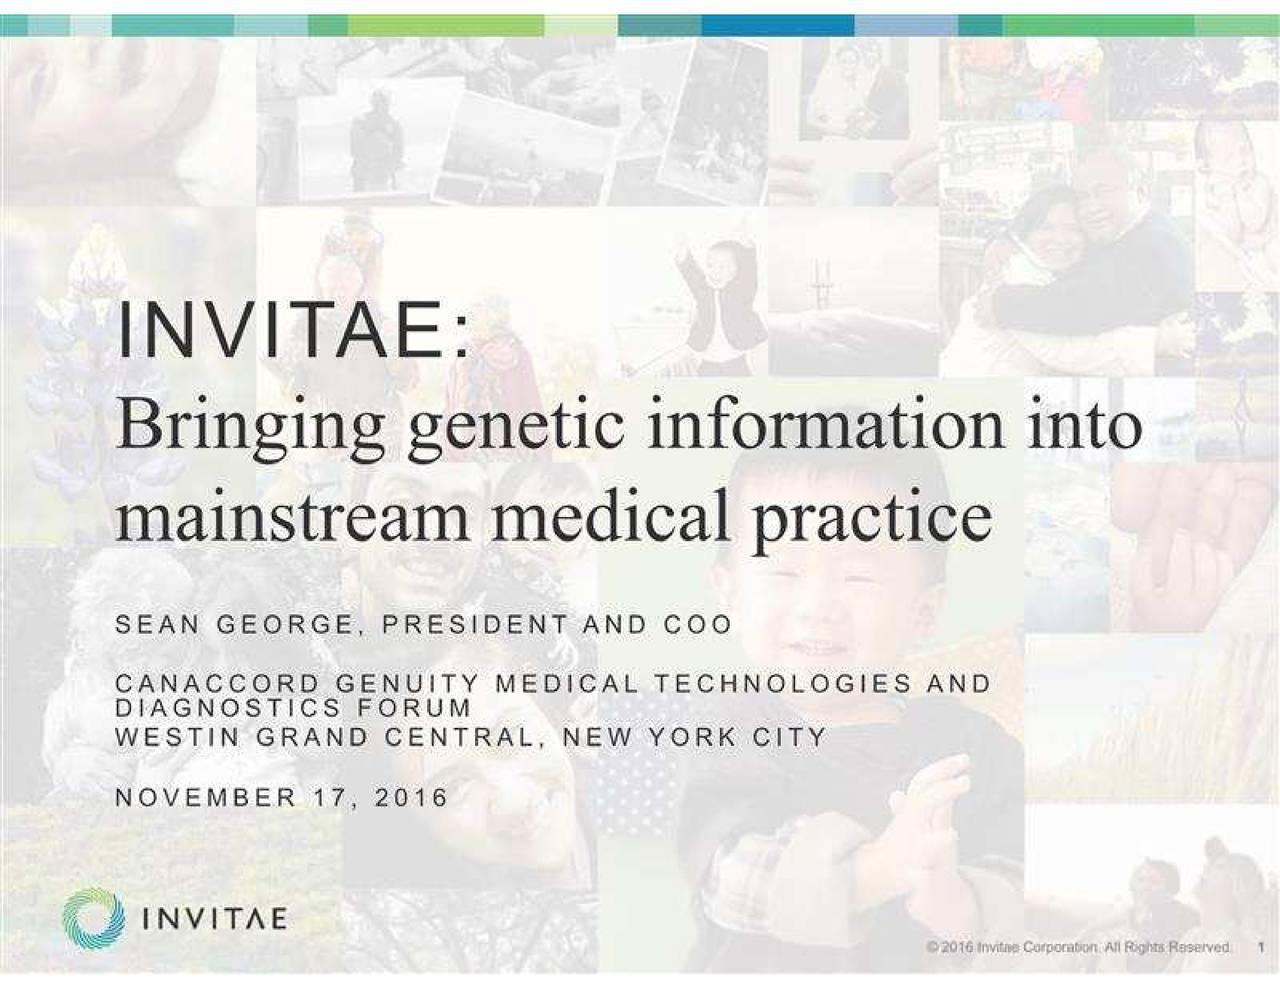 InVitae (NVTA) presents at Canaccord Genuity Medical